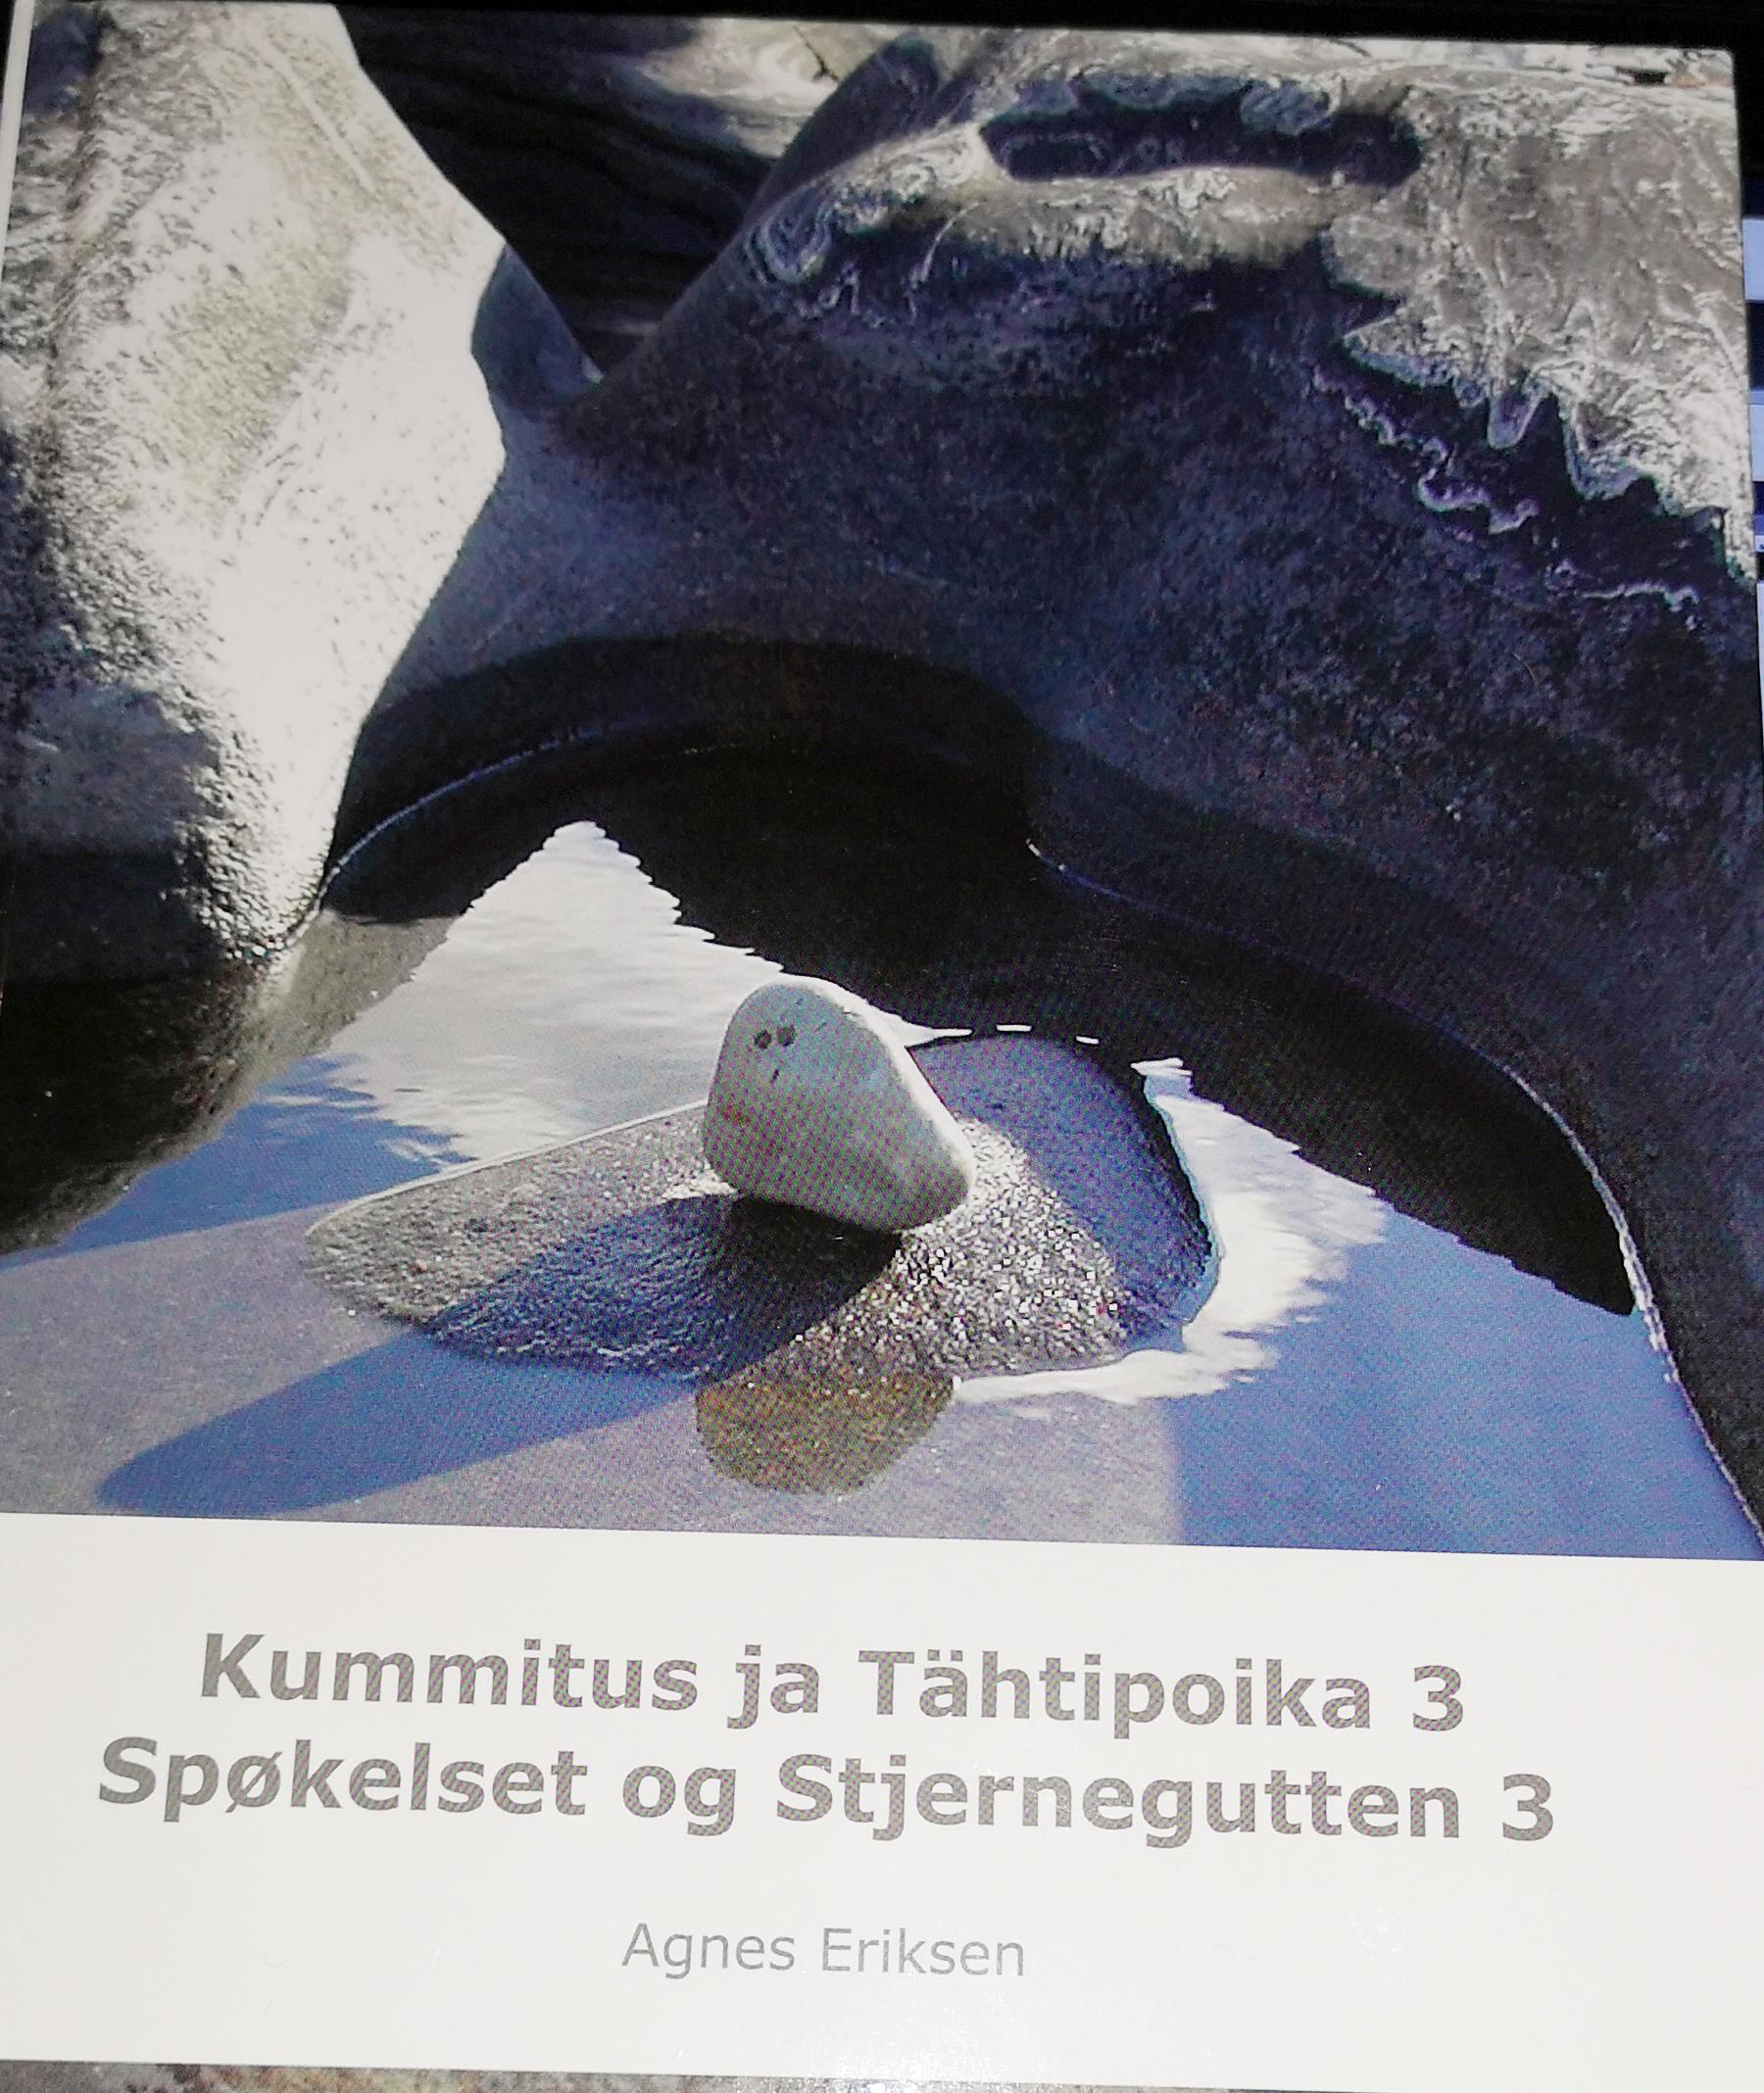 5cd4f2bd Trippel om gutten og spøkelset; den tredje boken i serien om «Kummitur ja  Tähtipoika,» Spøkelset og stjernegutten, er i salg nå.